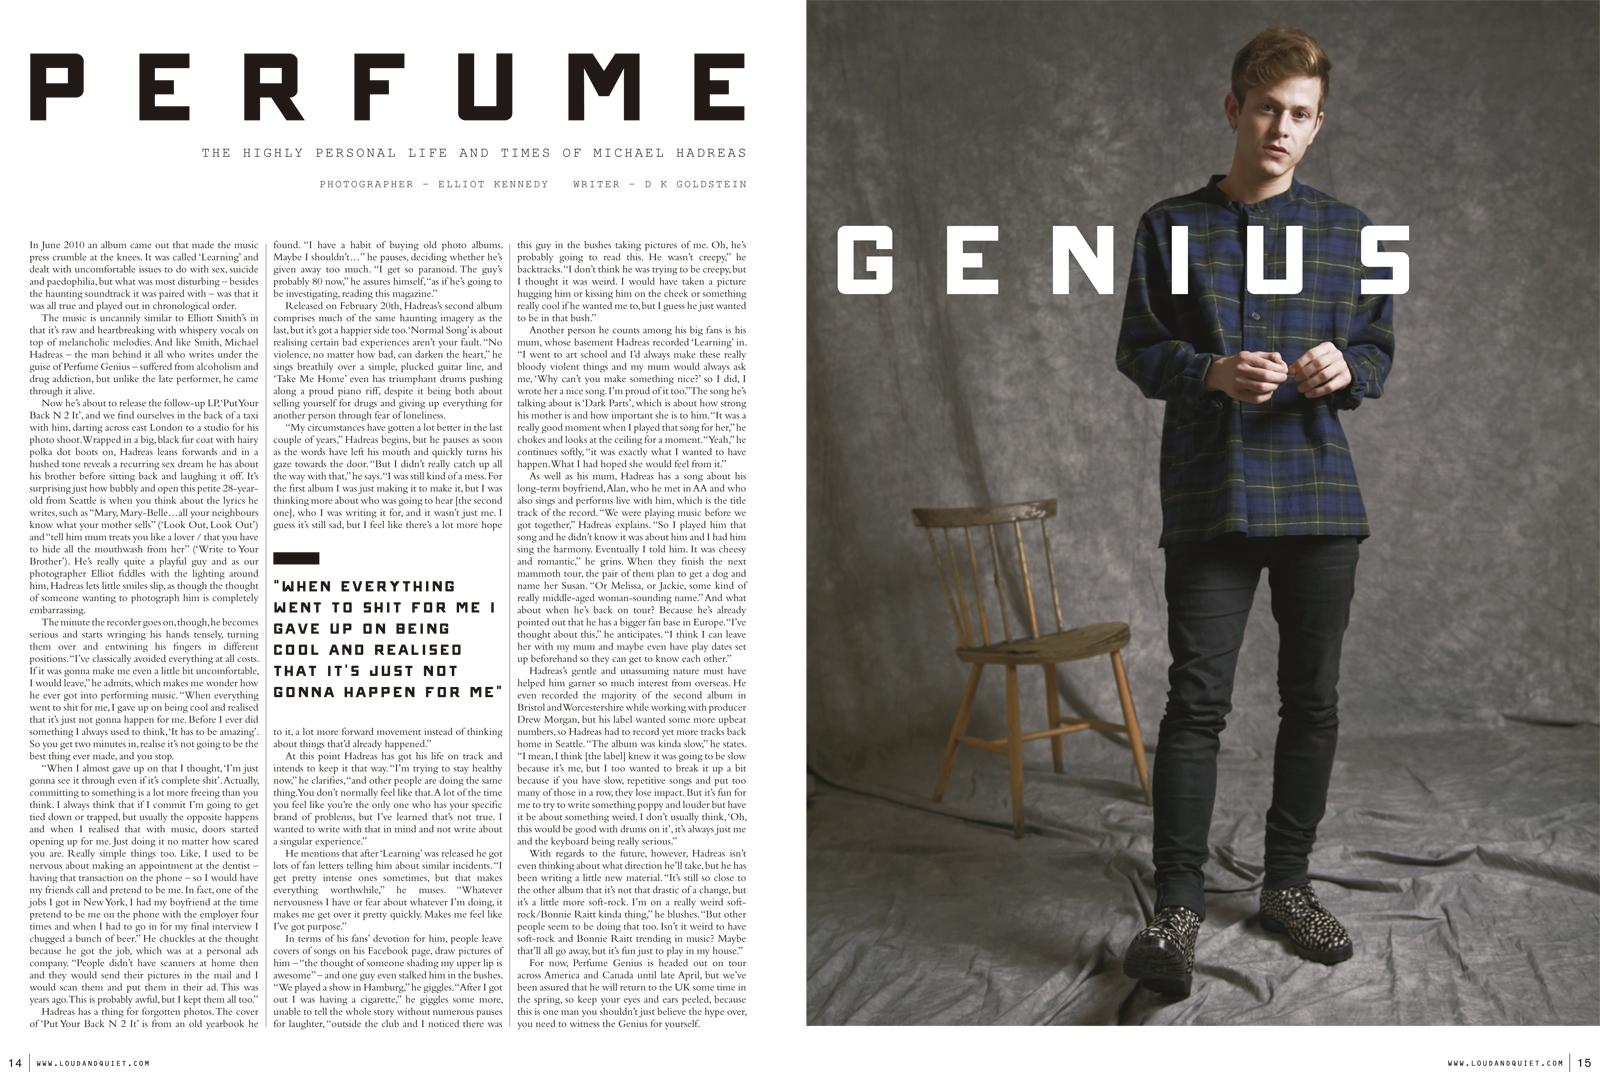 LnQ_Perfume Genius-14.jpg